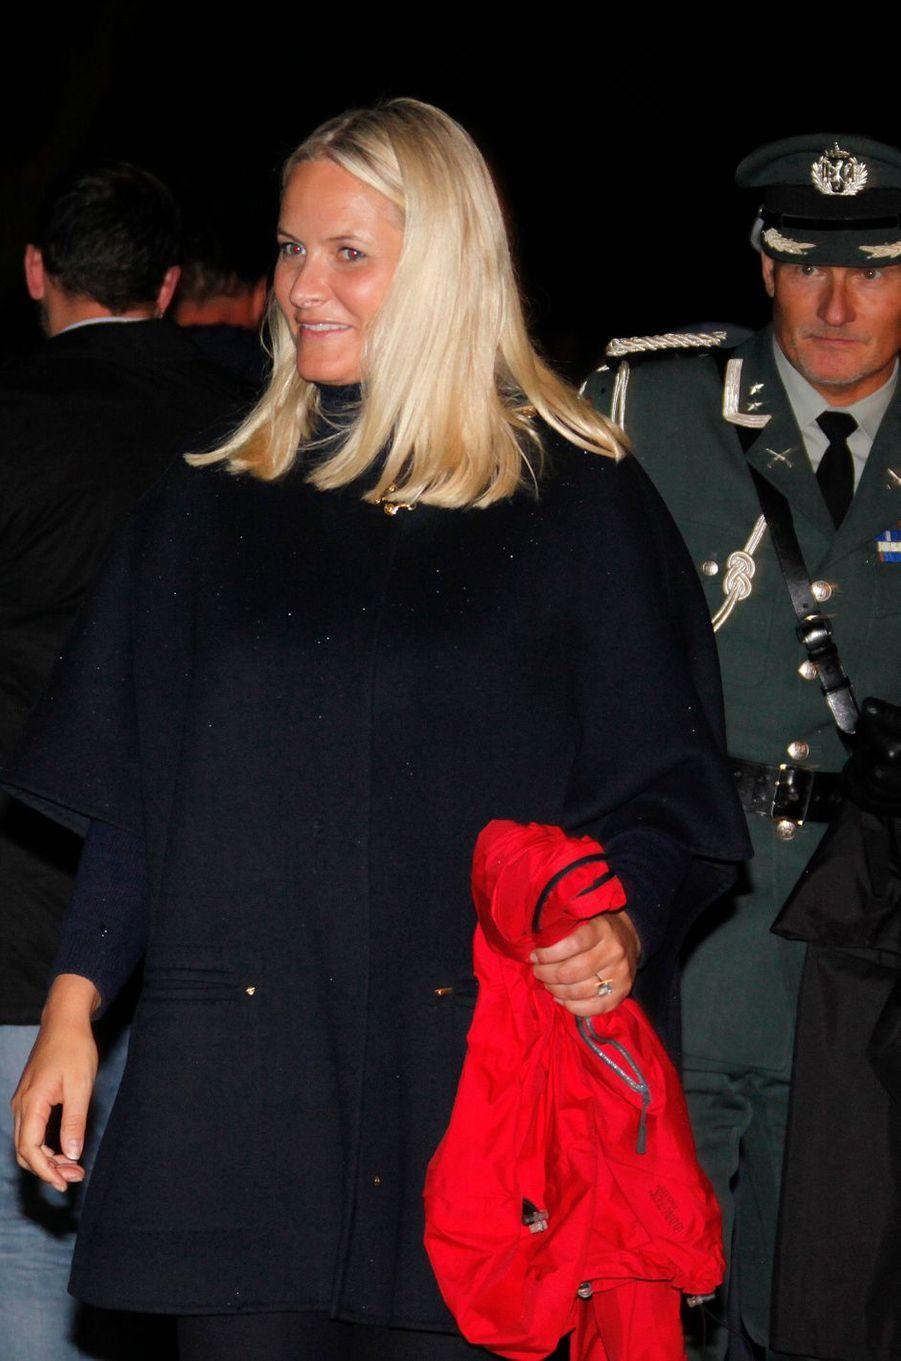 La princesse Mette-Marit de Norvège à Oslo, le 21 septembre 2016